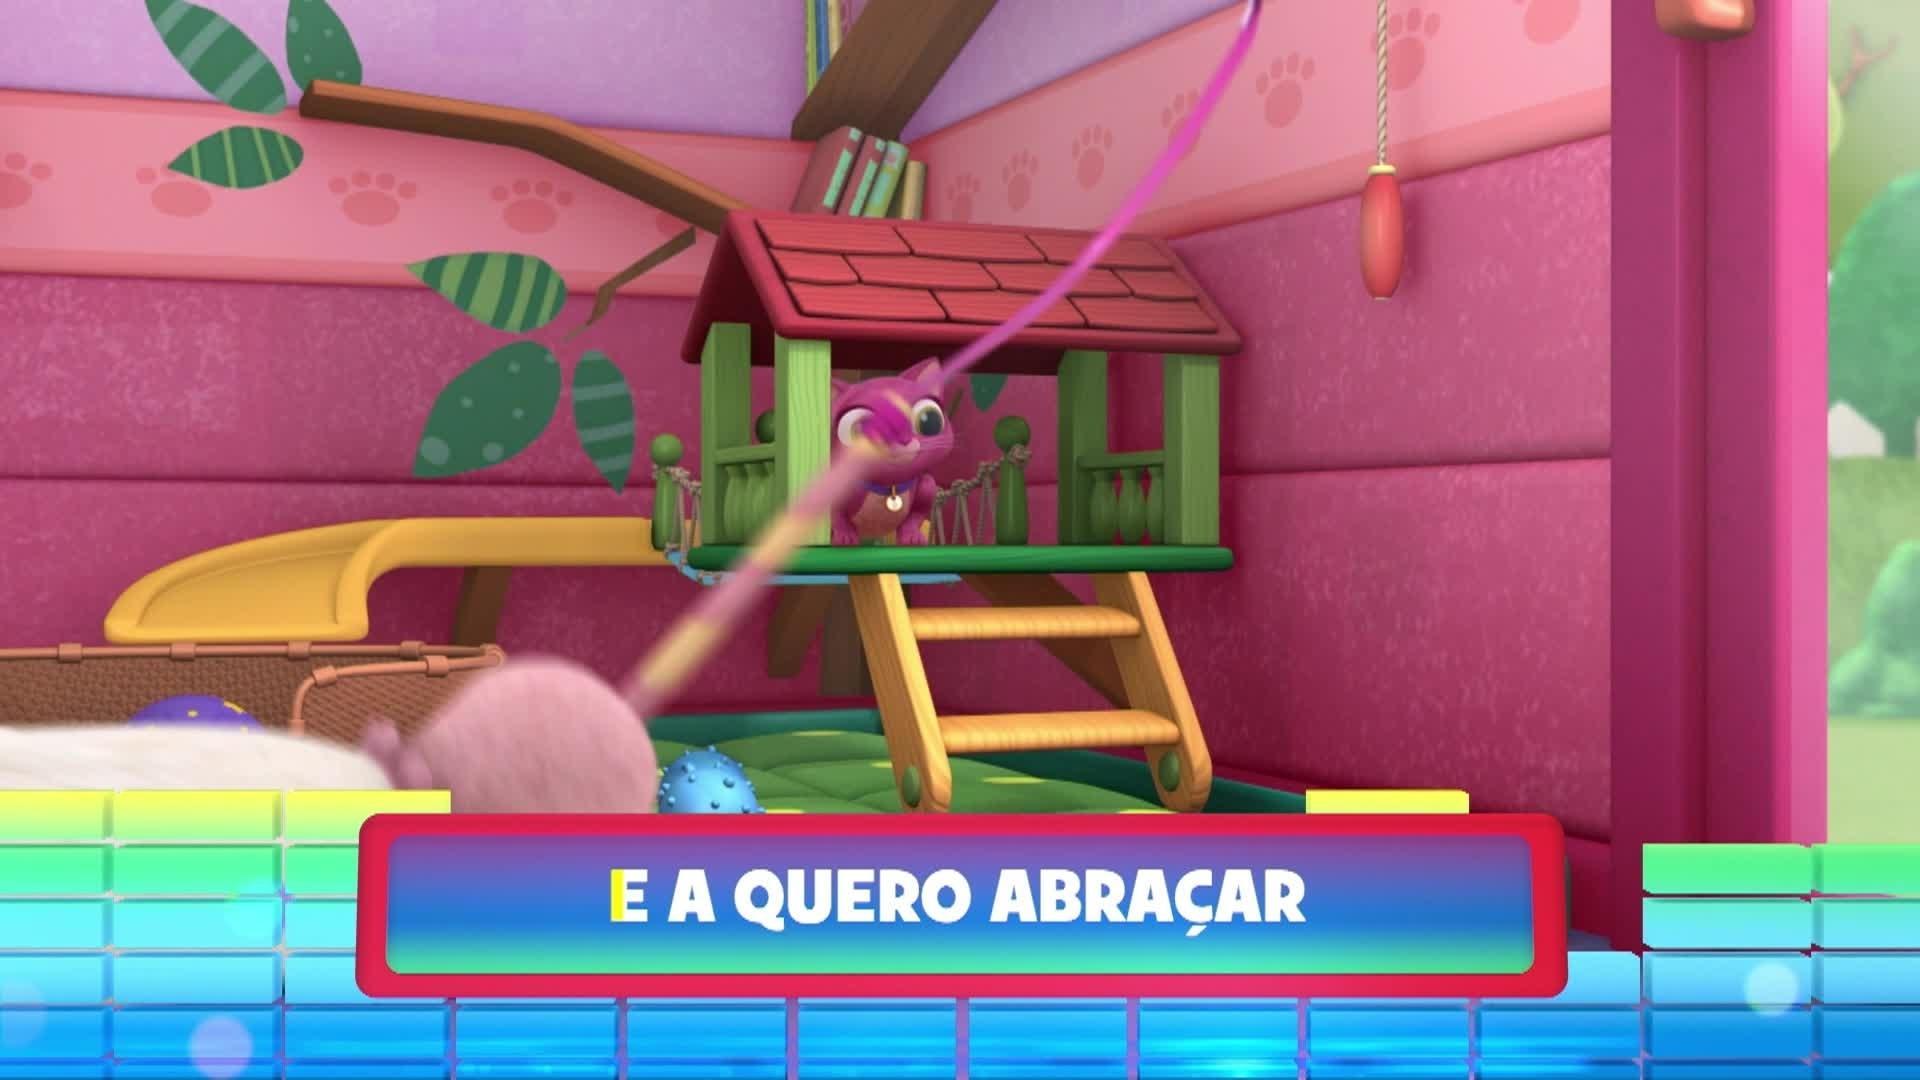 Doutora Brinquedos - Esperar Eu Vou